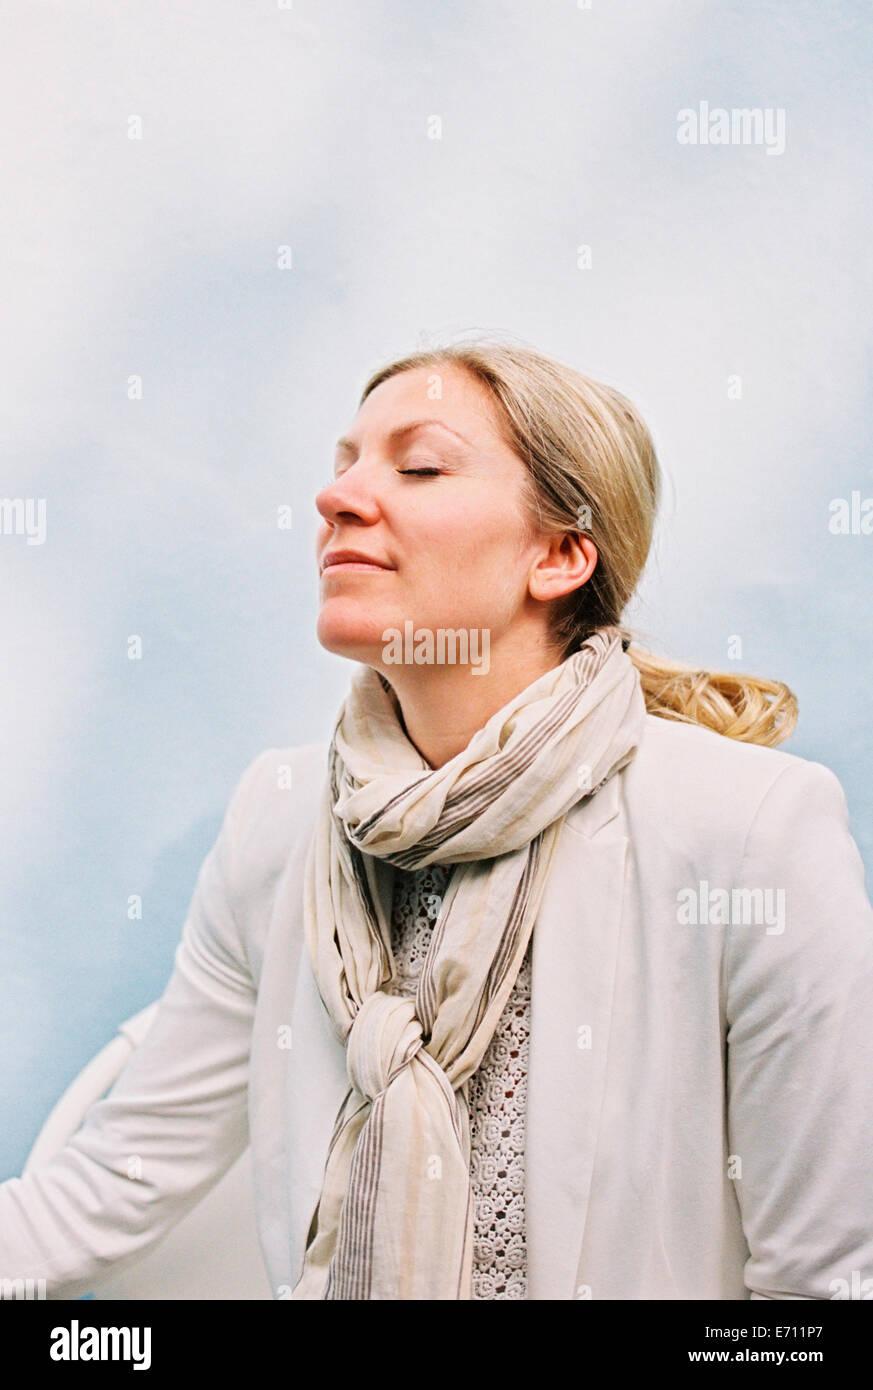 Una mujer con cabello rubio, sentado con los ojos cerrados y la cabeza inclinada hacia atrás, sintiendo el Imagen De Stock